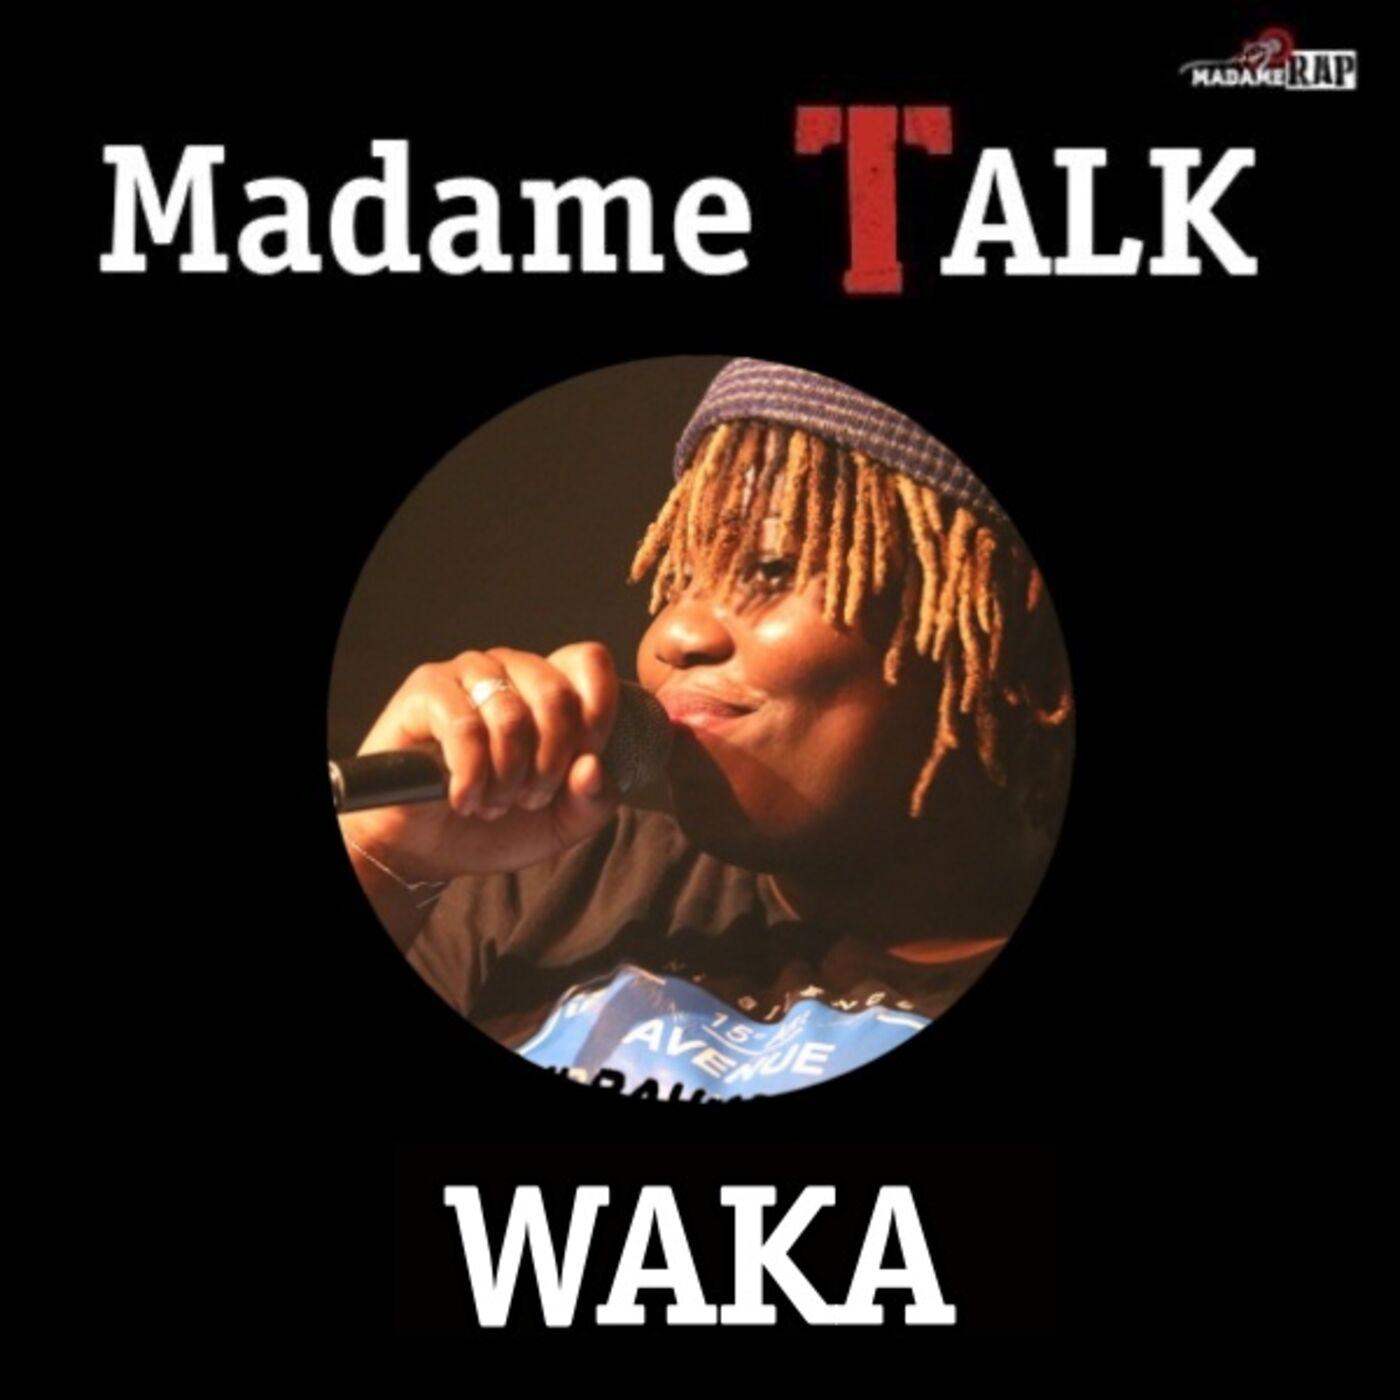 Madame Talk x Waka